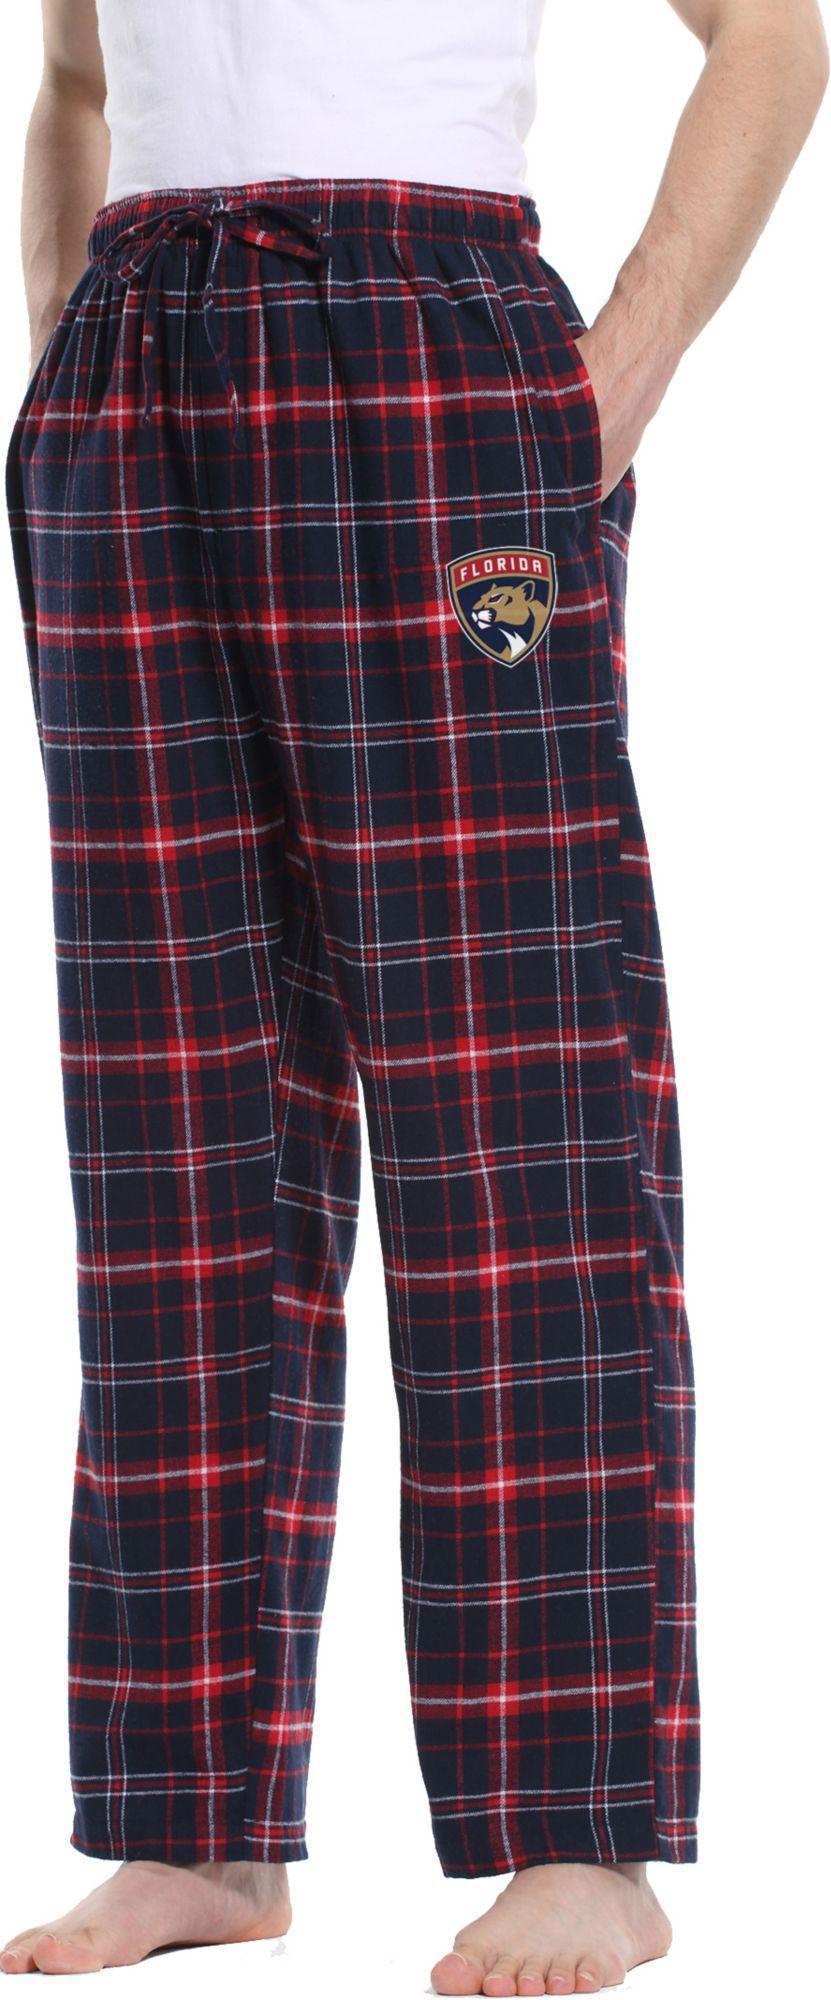 3d7876d81d7 Concepts Sport Men s Florida Panthers Ultimate Flannel Pants ...